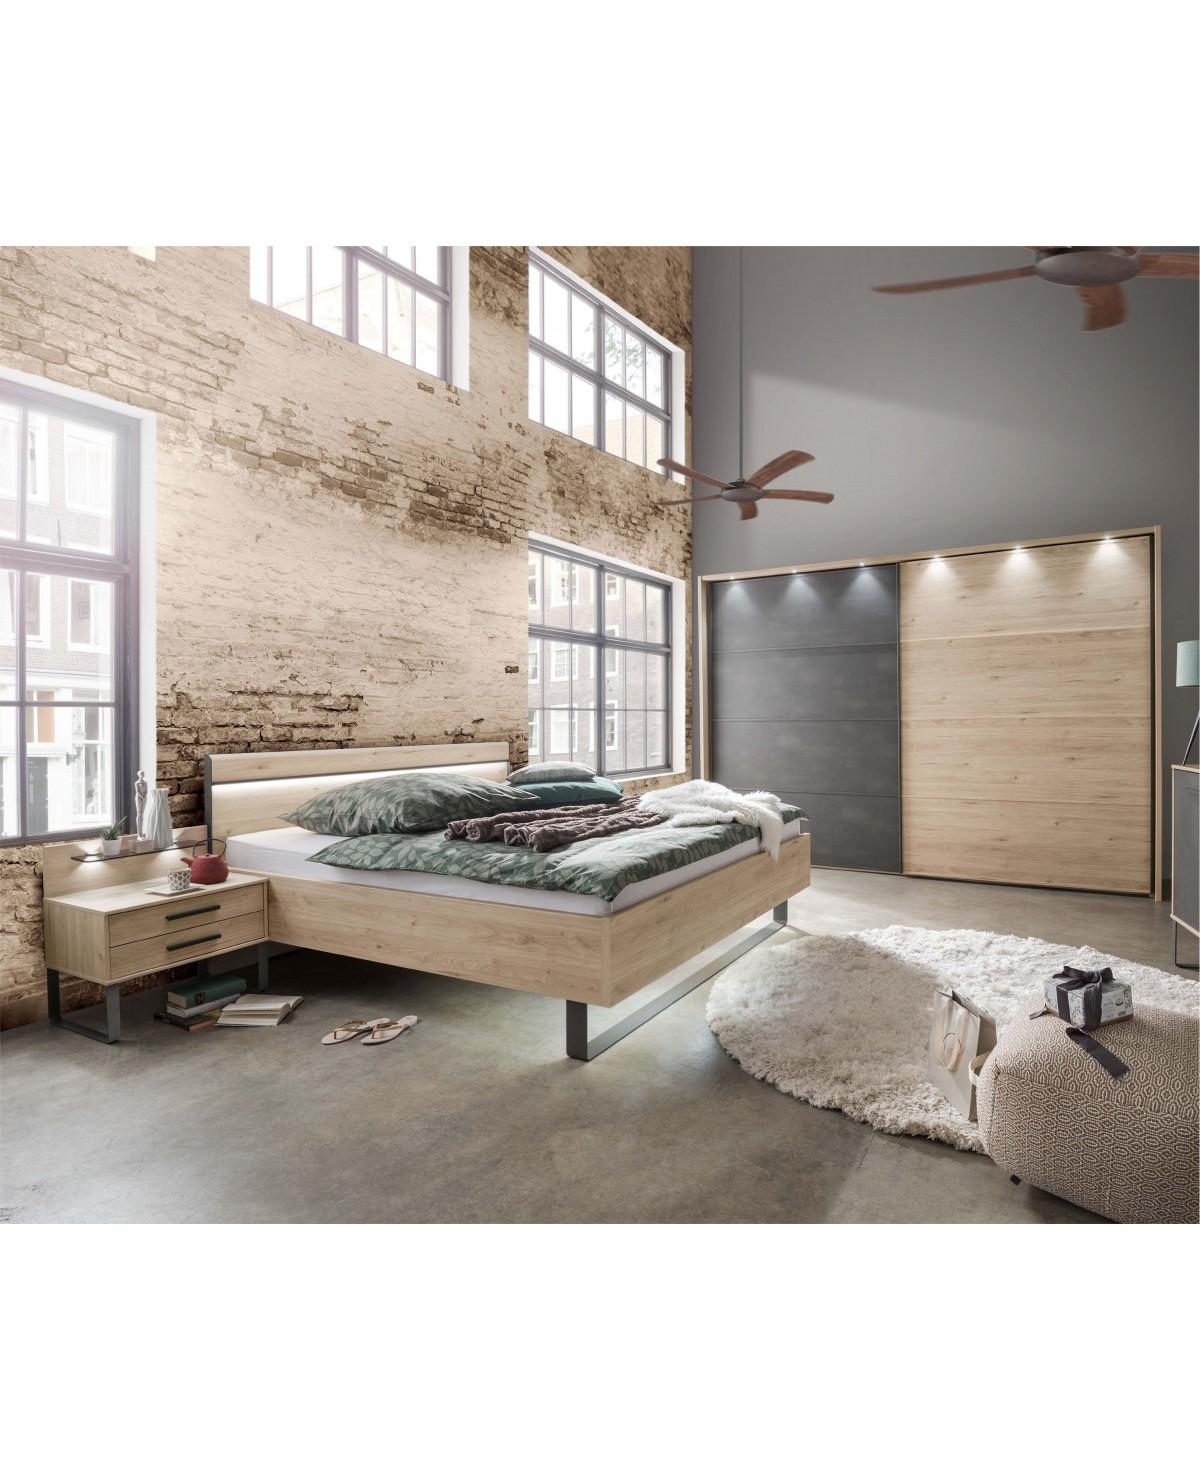 Full Size of Schlafzimmer Komplett 160x200 Bett Set Wiemann Brssel Schrank Nachttisch Luxus Zum Ausziehen 140x200 Mit Stauraum Lifetime Betten Hamburg überbau Günstige Wohnzimmer Schlafzimmer Komplett 160x200 Bett